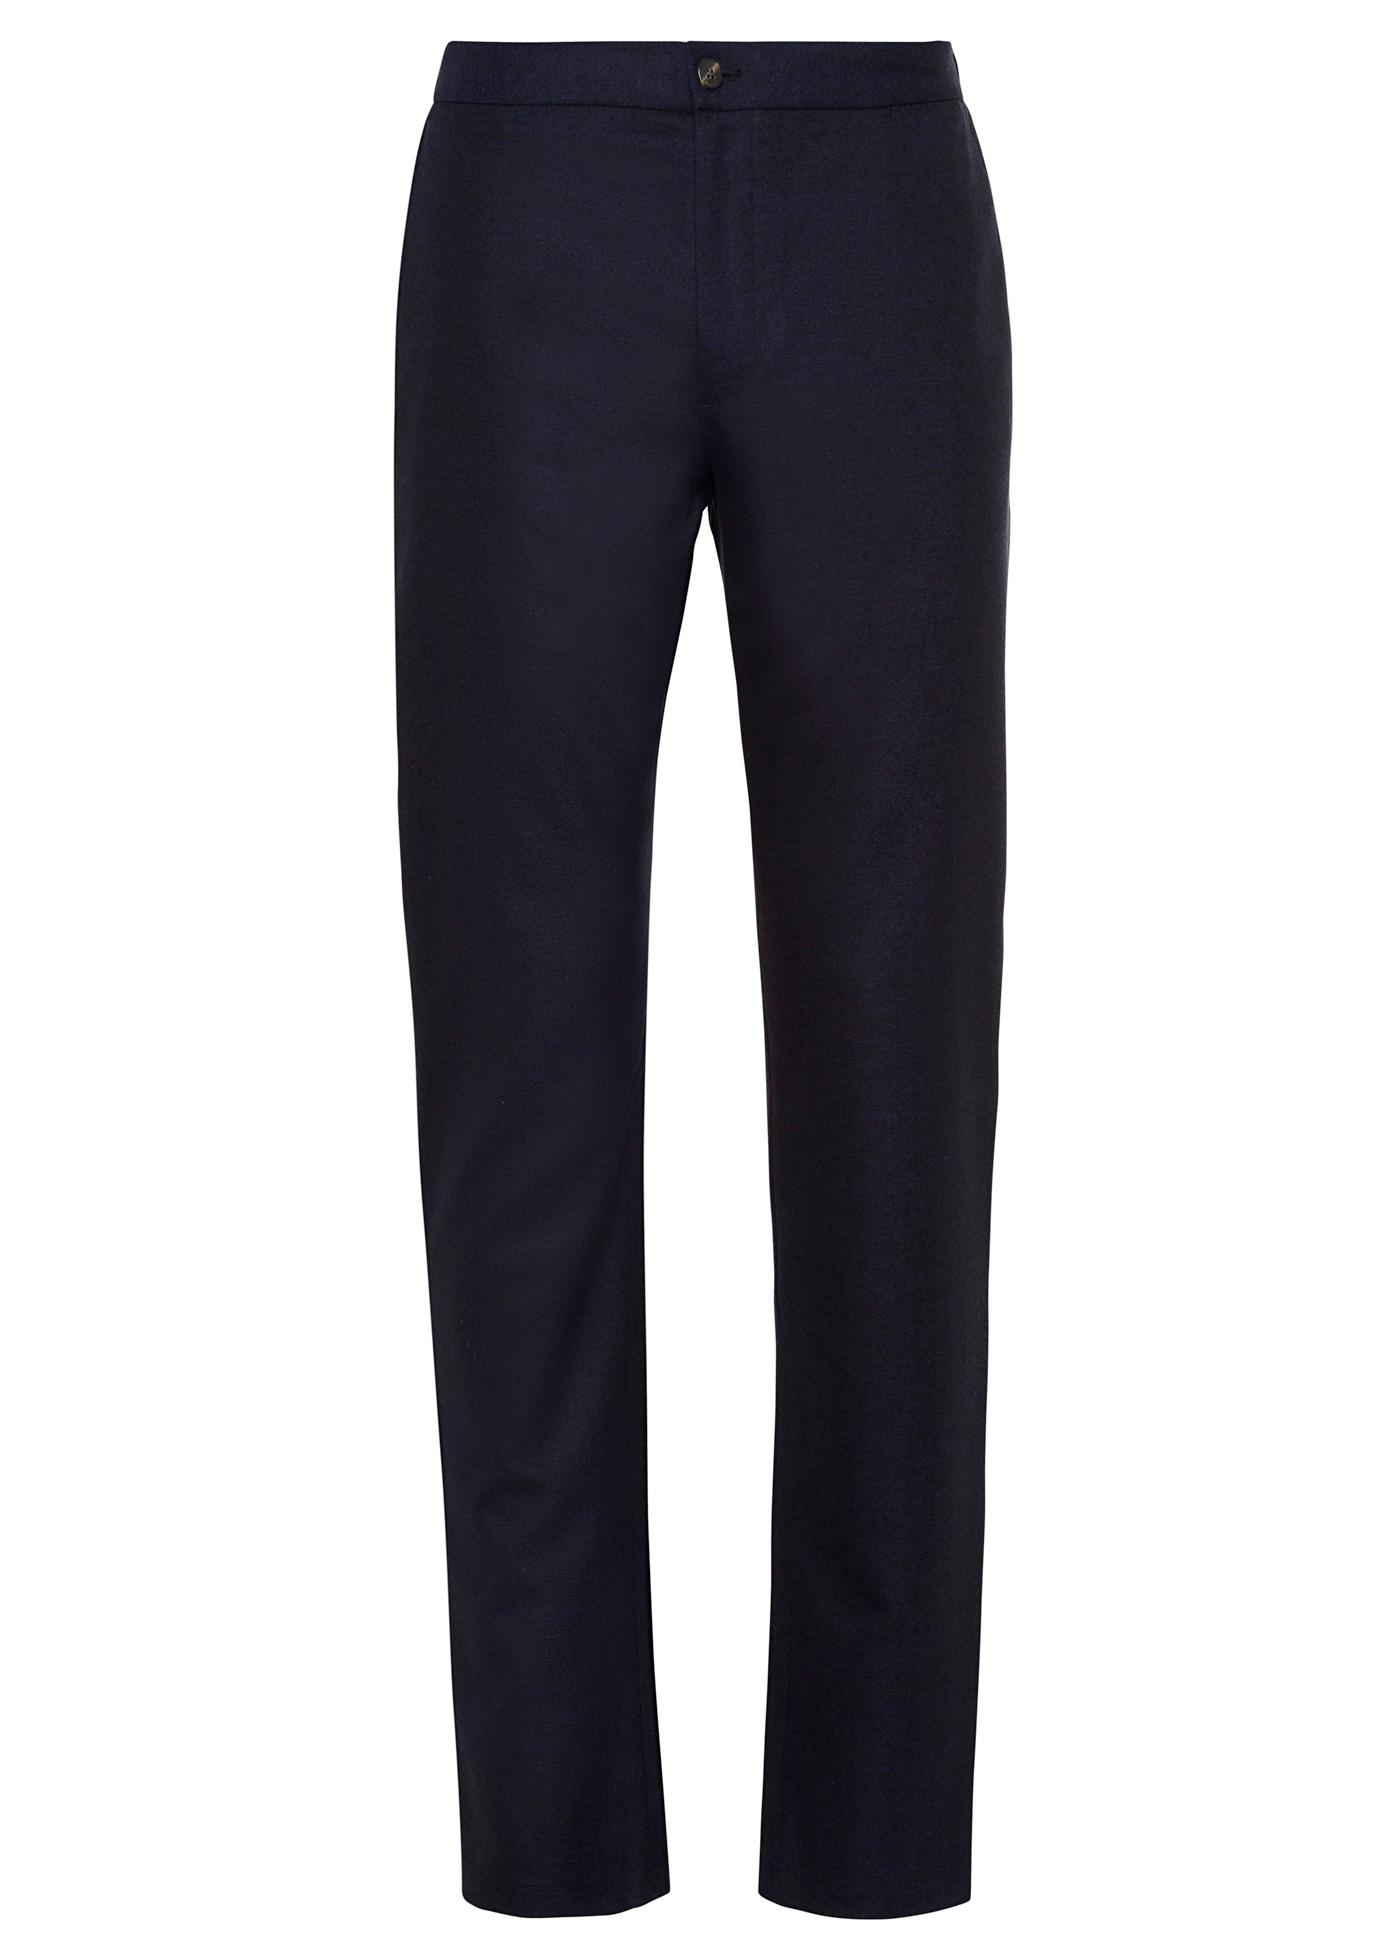 Fine Wool Drawstring Man Trouser image number 0